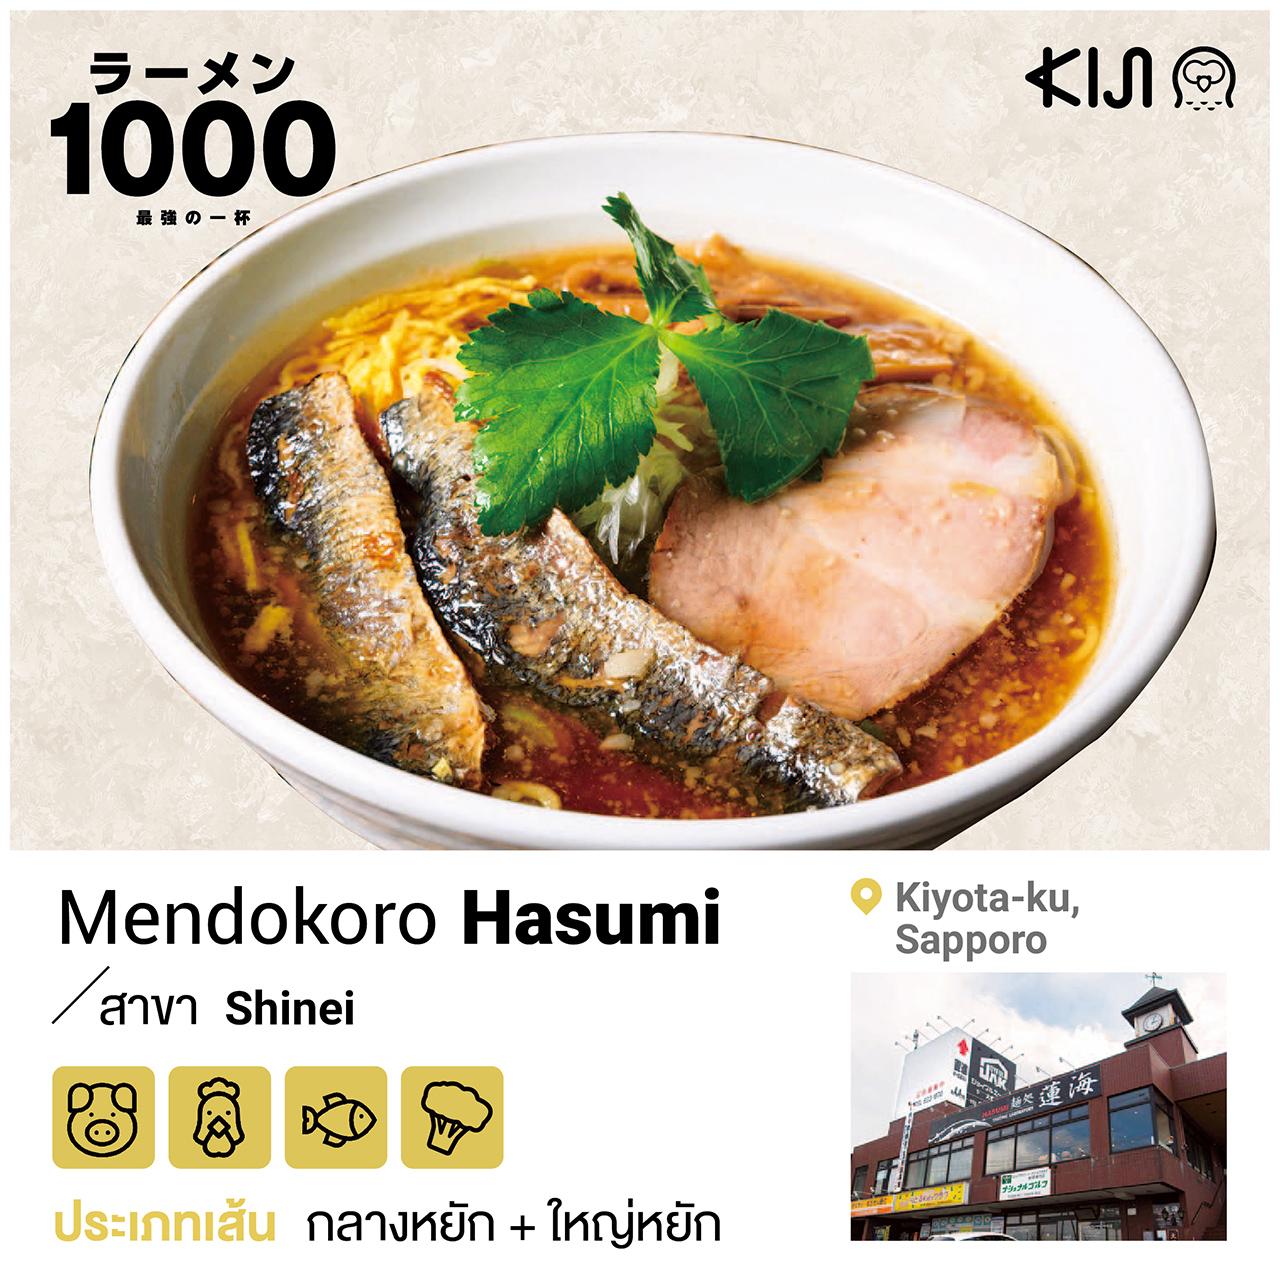 ร้านราเมนในฮอกไกโด - Mendokoro Hasumi สาขา Shinei